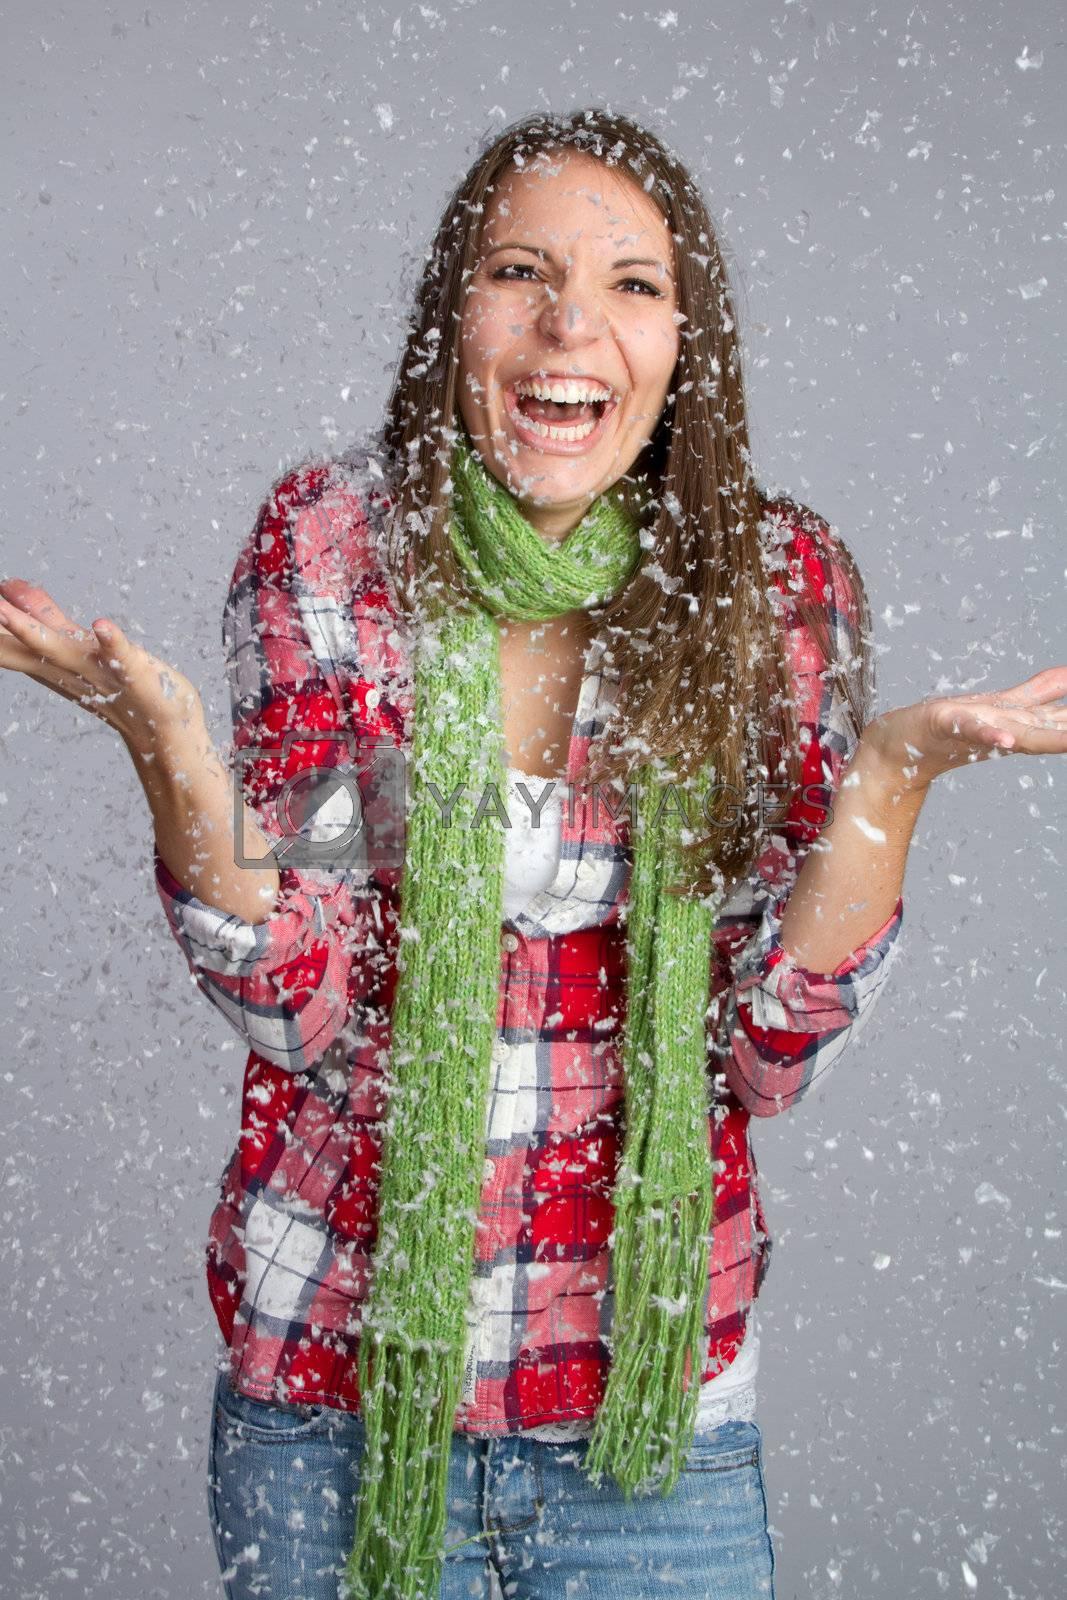 Beautiful girl playing in snow